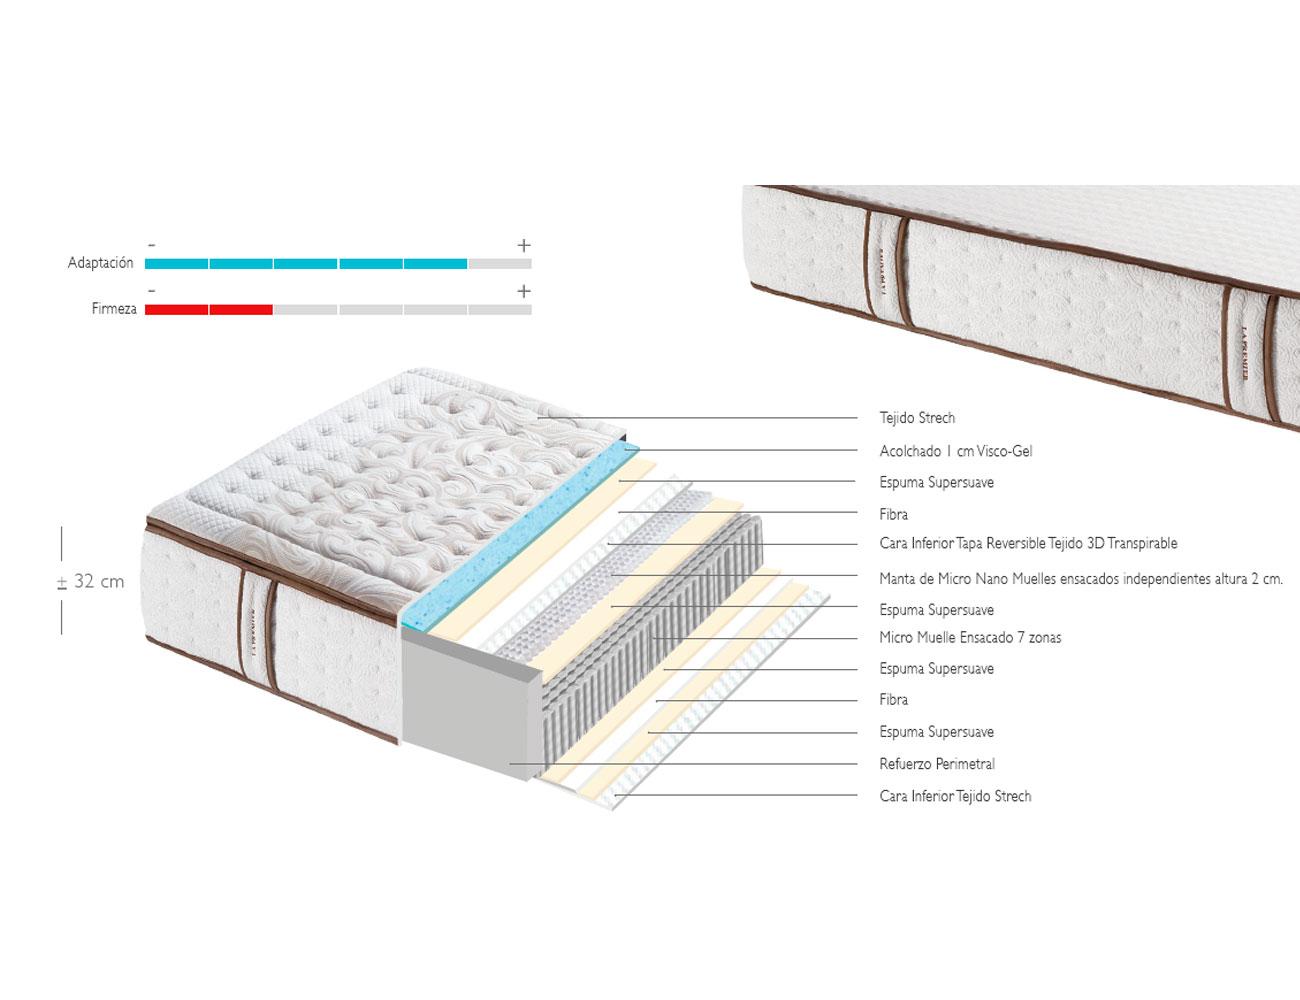 Colchon la premiere nano muelle micro 7 zonas descanso viscoelastico 110